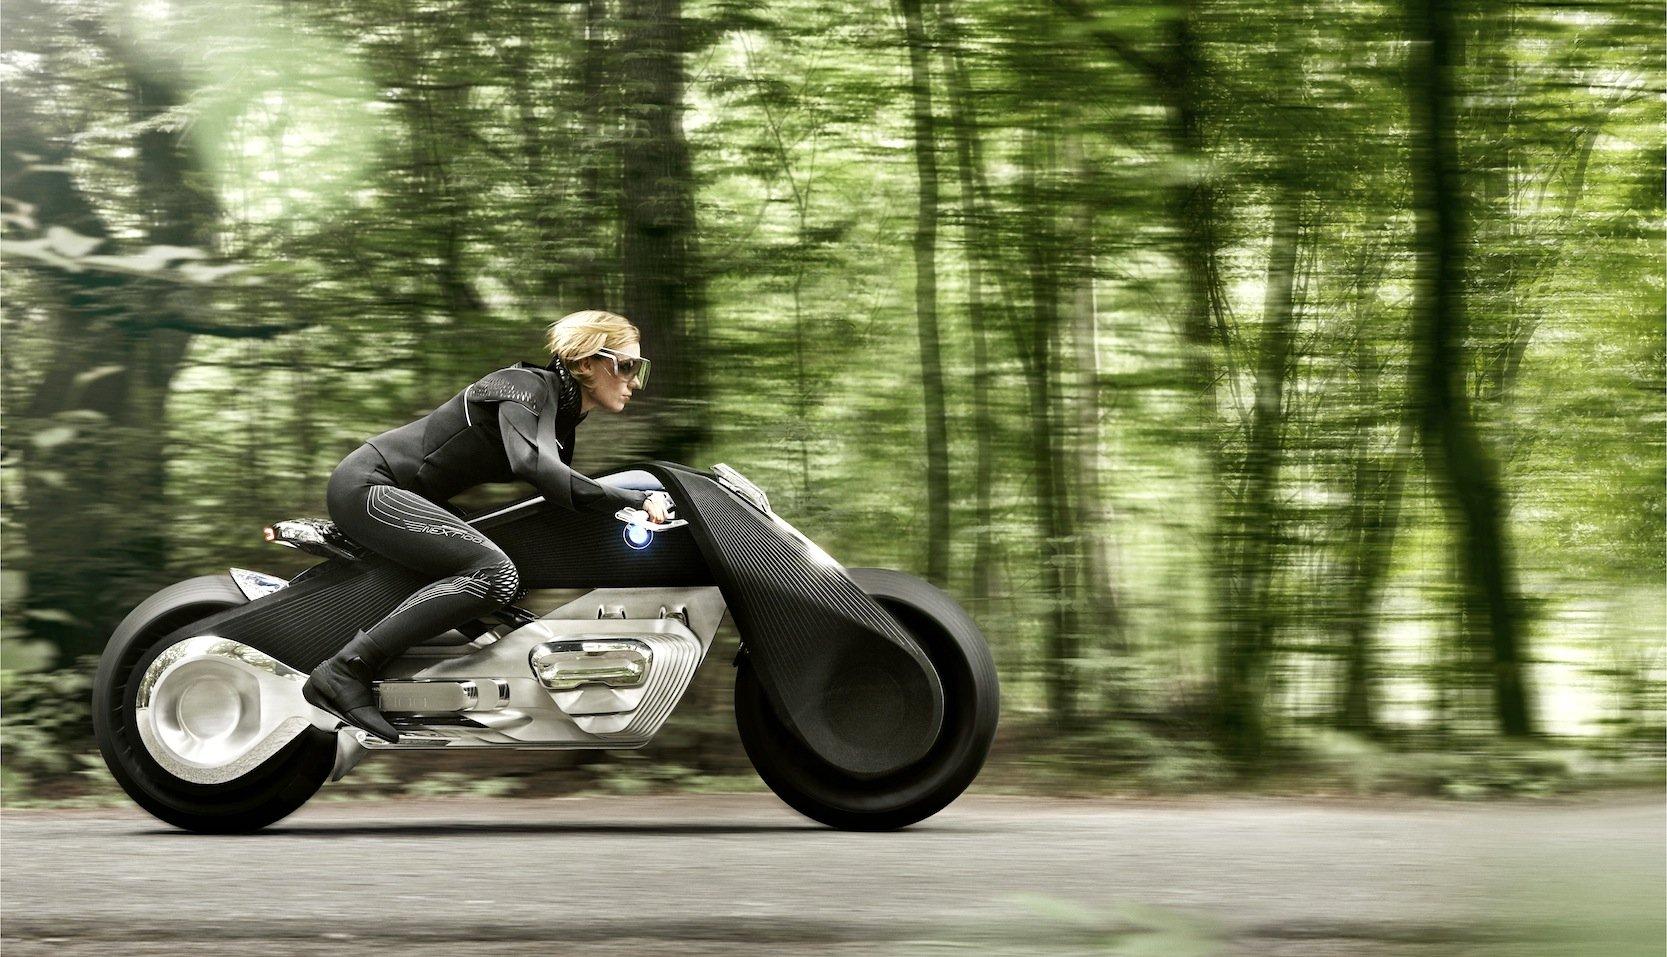 Das Motorrad hält BMW für so sicher, dass nur noch eine dünne Schutzkleidung notwendig ist. Ein Helm ist überflüssig.